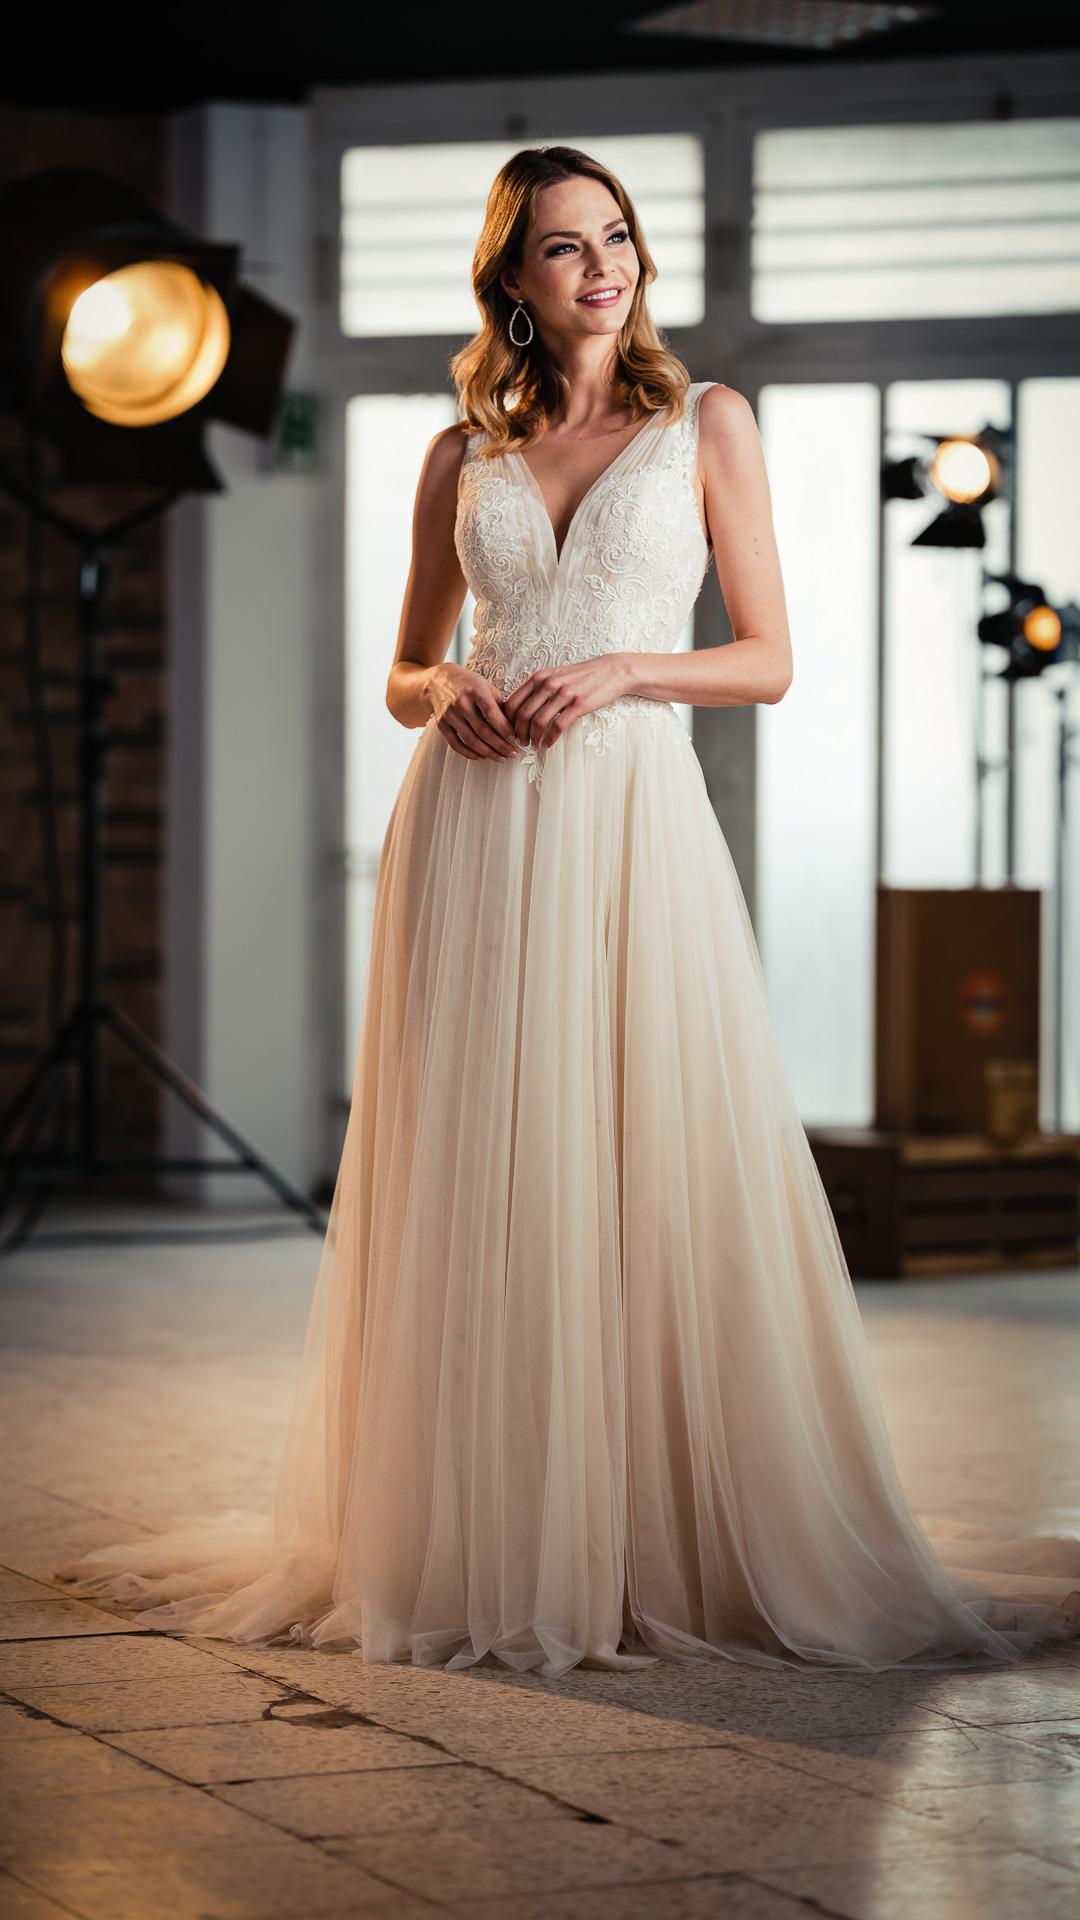 Kollektion 2021 Brautkleid 2608 von DMY